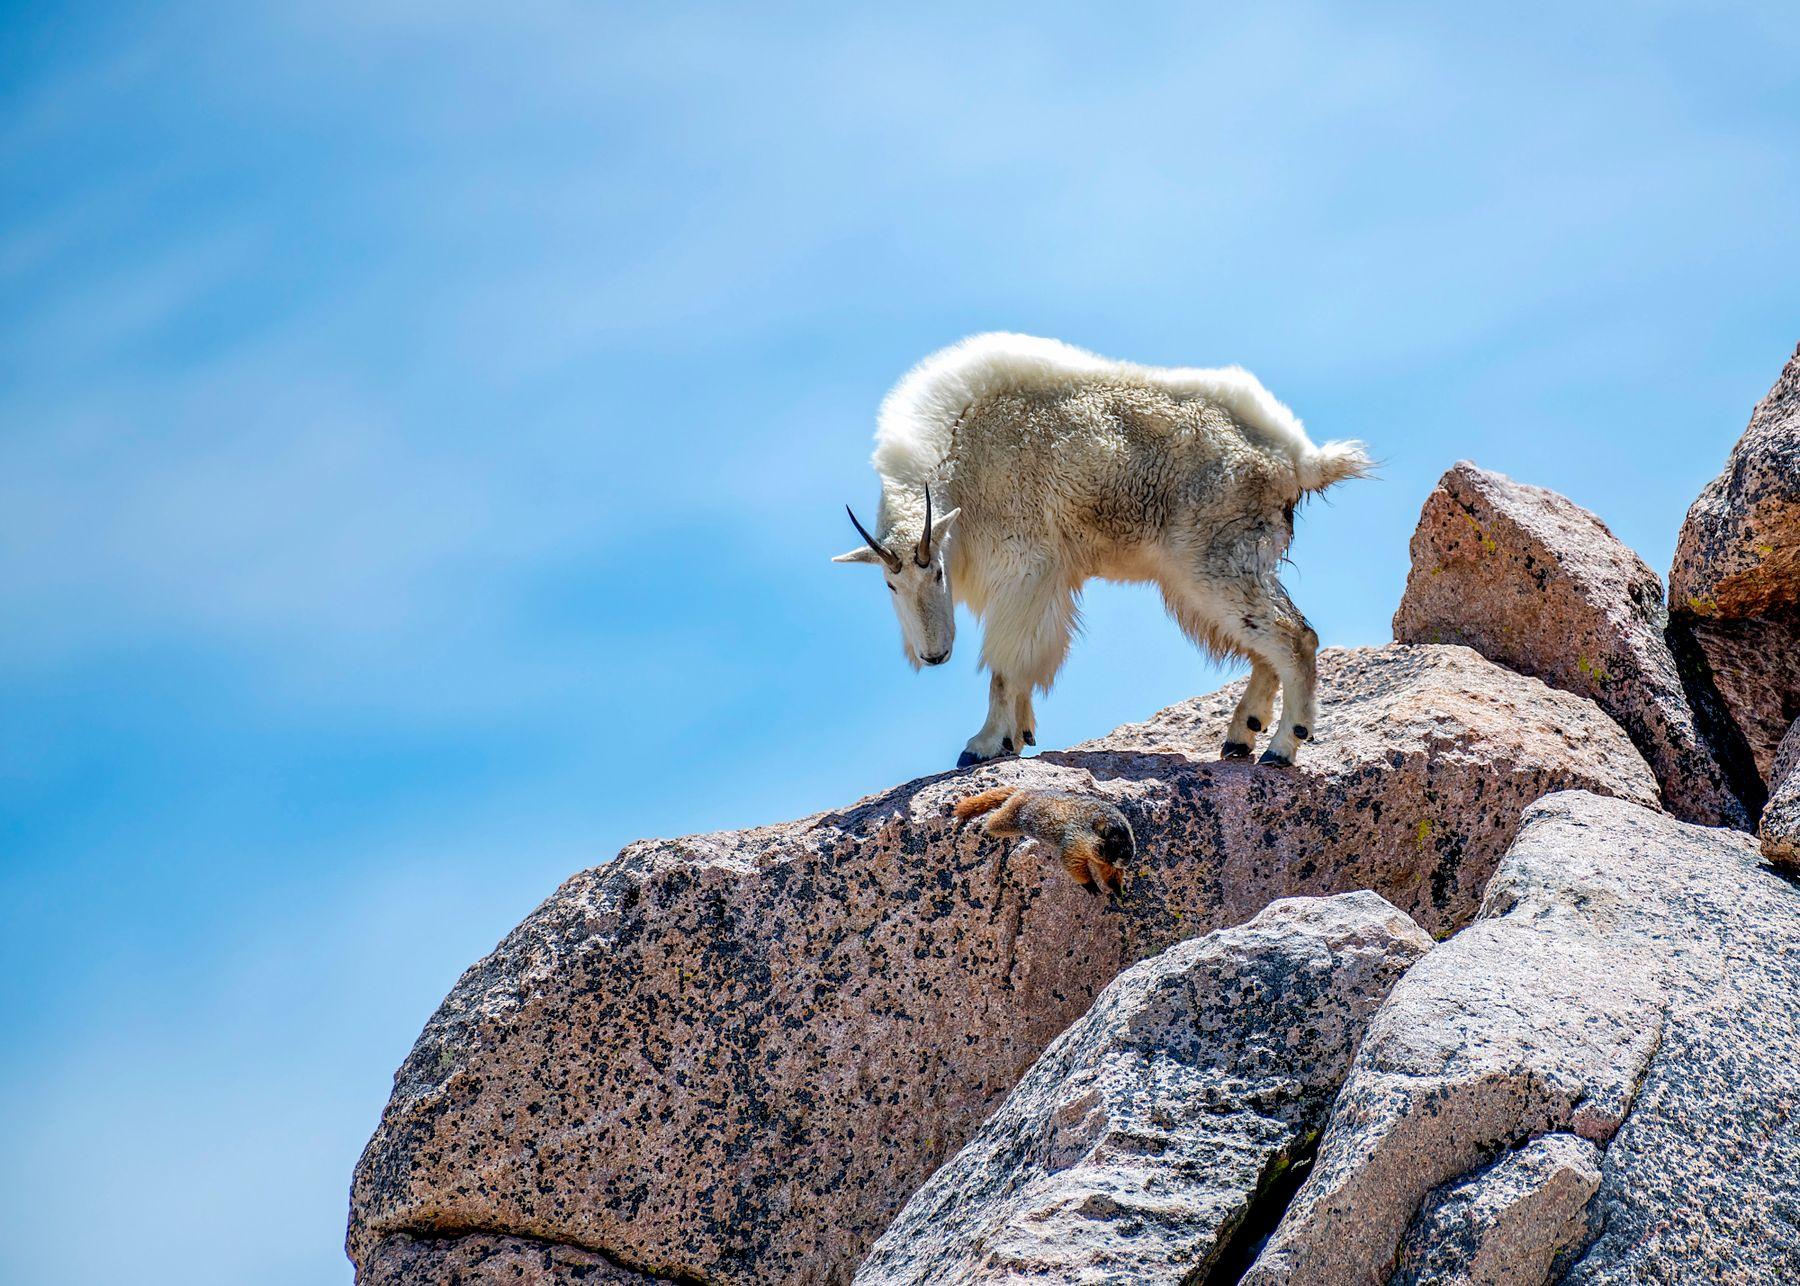 День Сурка у Горного Козла сурок горный козел Скалистуе горы Эванс